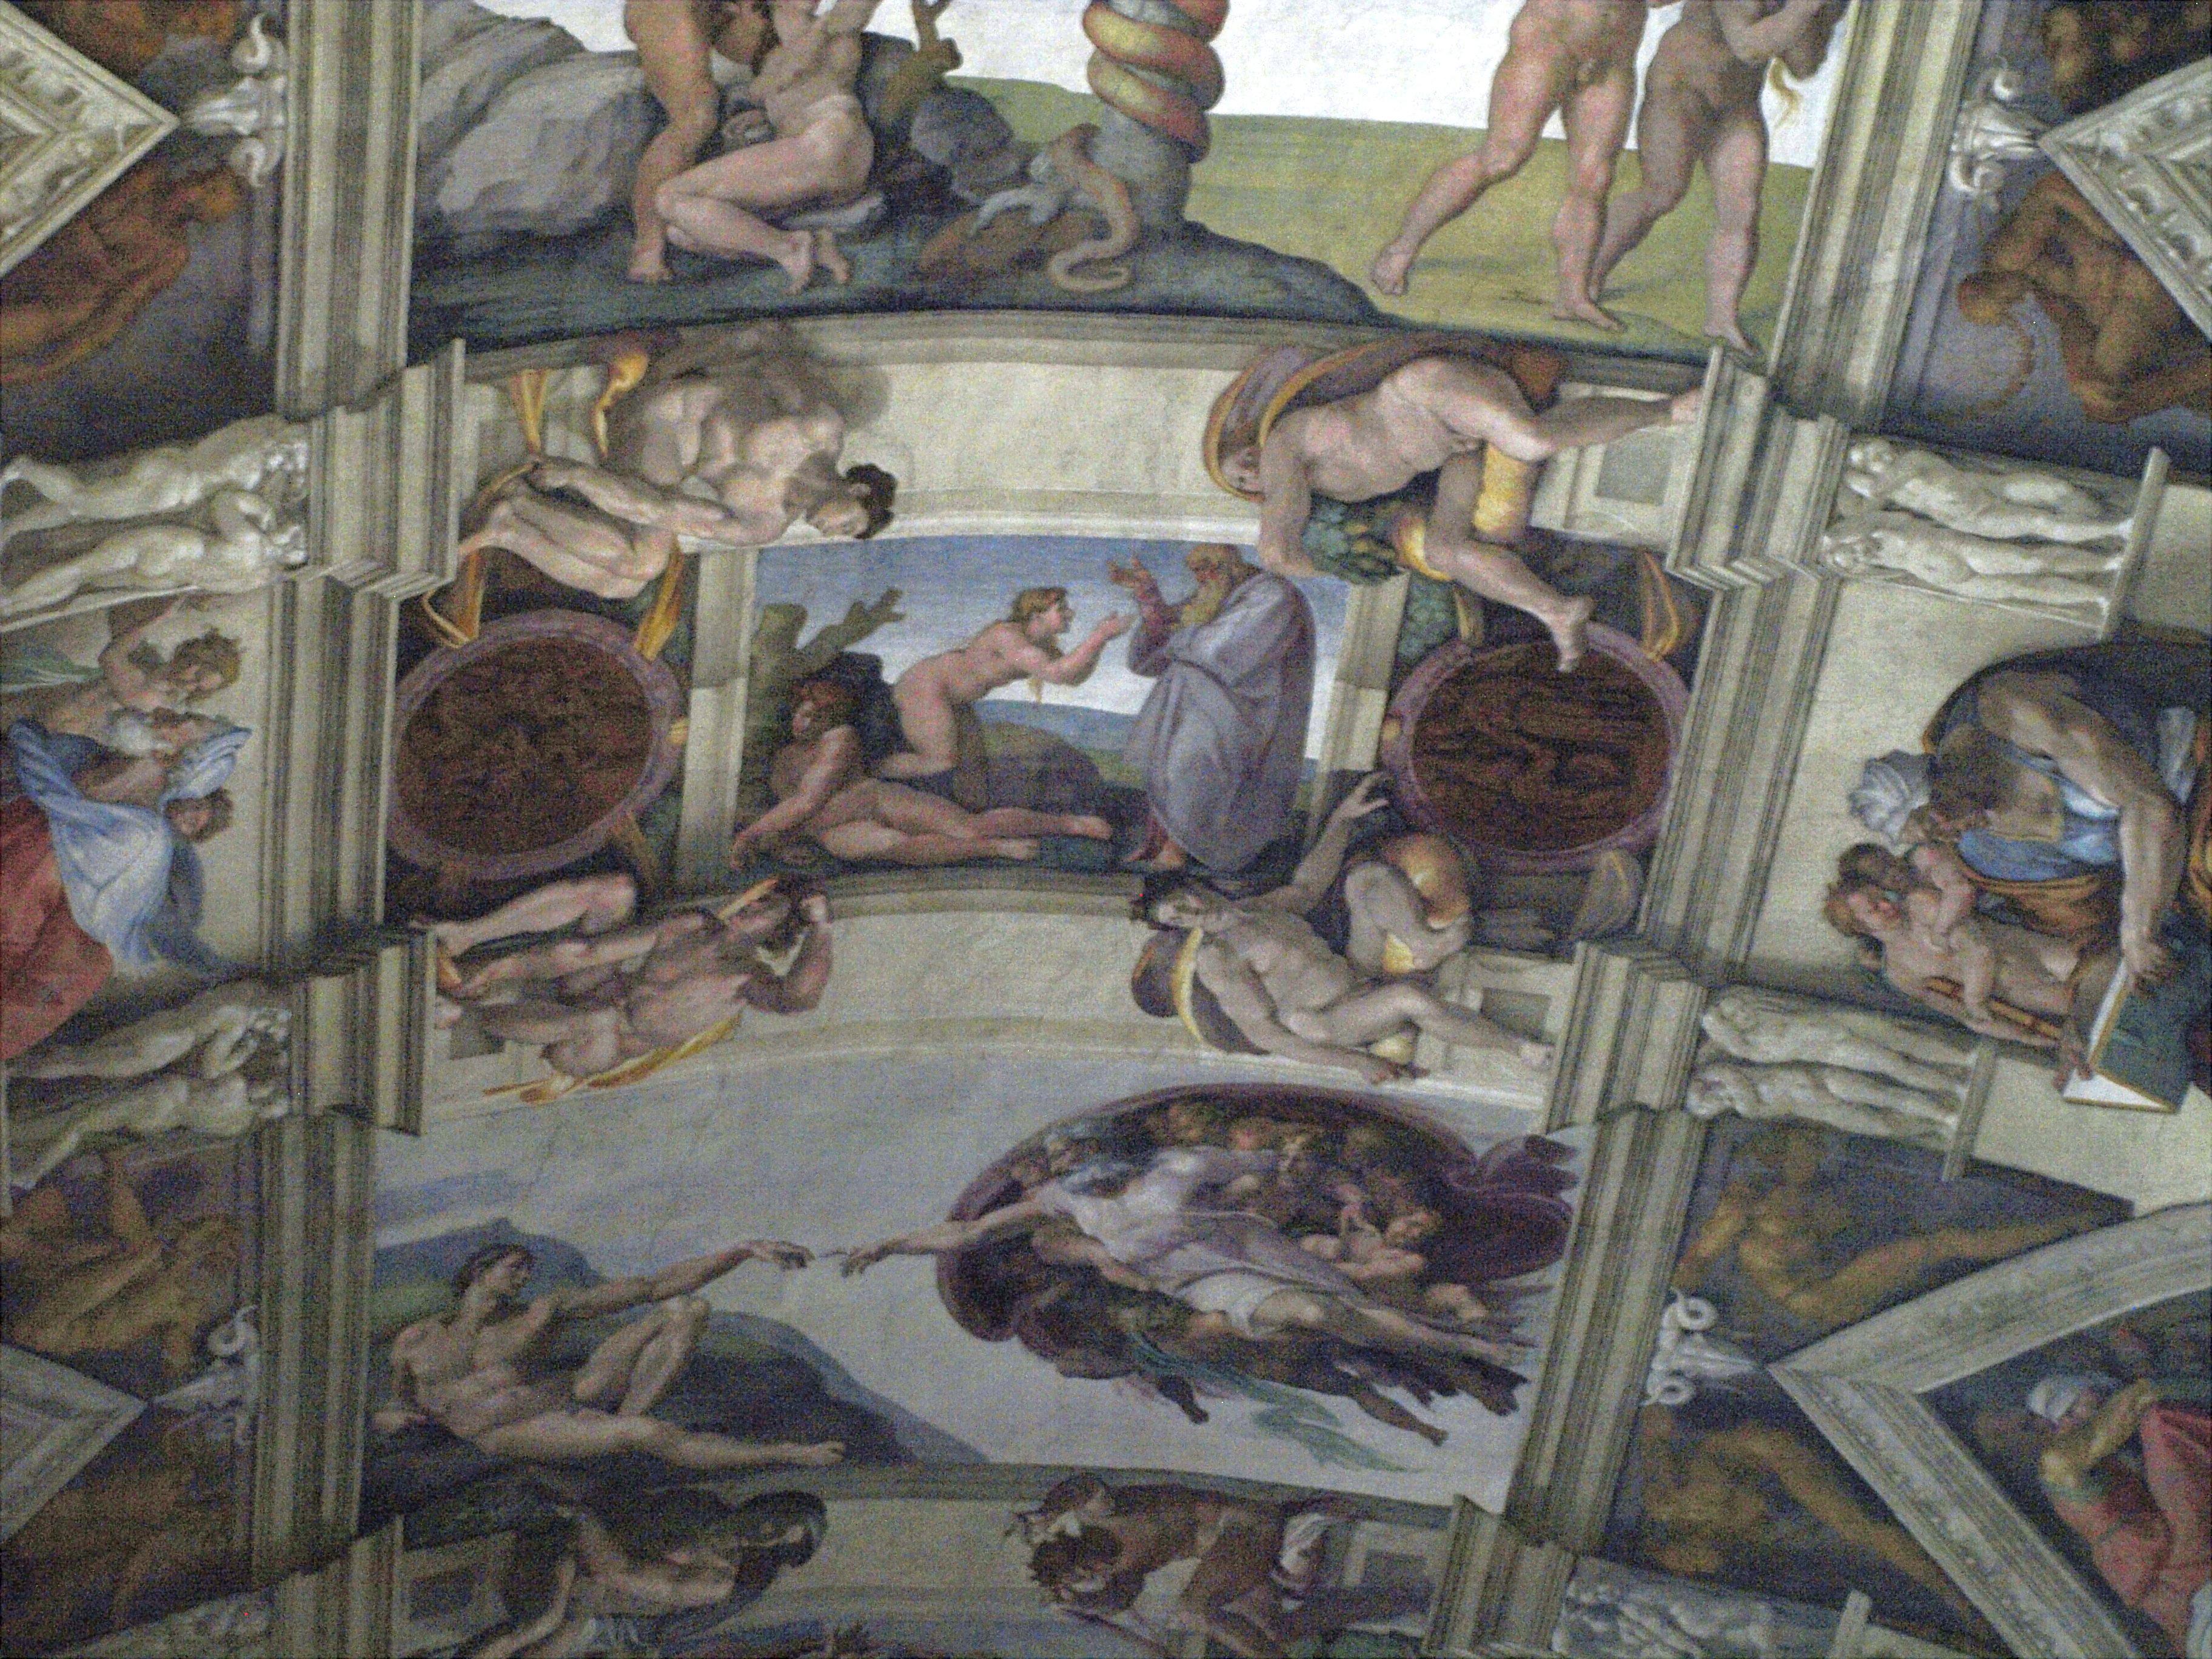 Řím - Sixtinská kaple, zhora Stvoření Evy, Stvoření Adama, Michelangelo, 1508-12